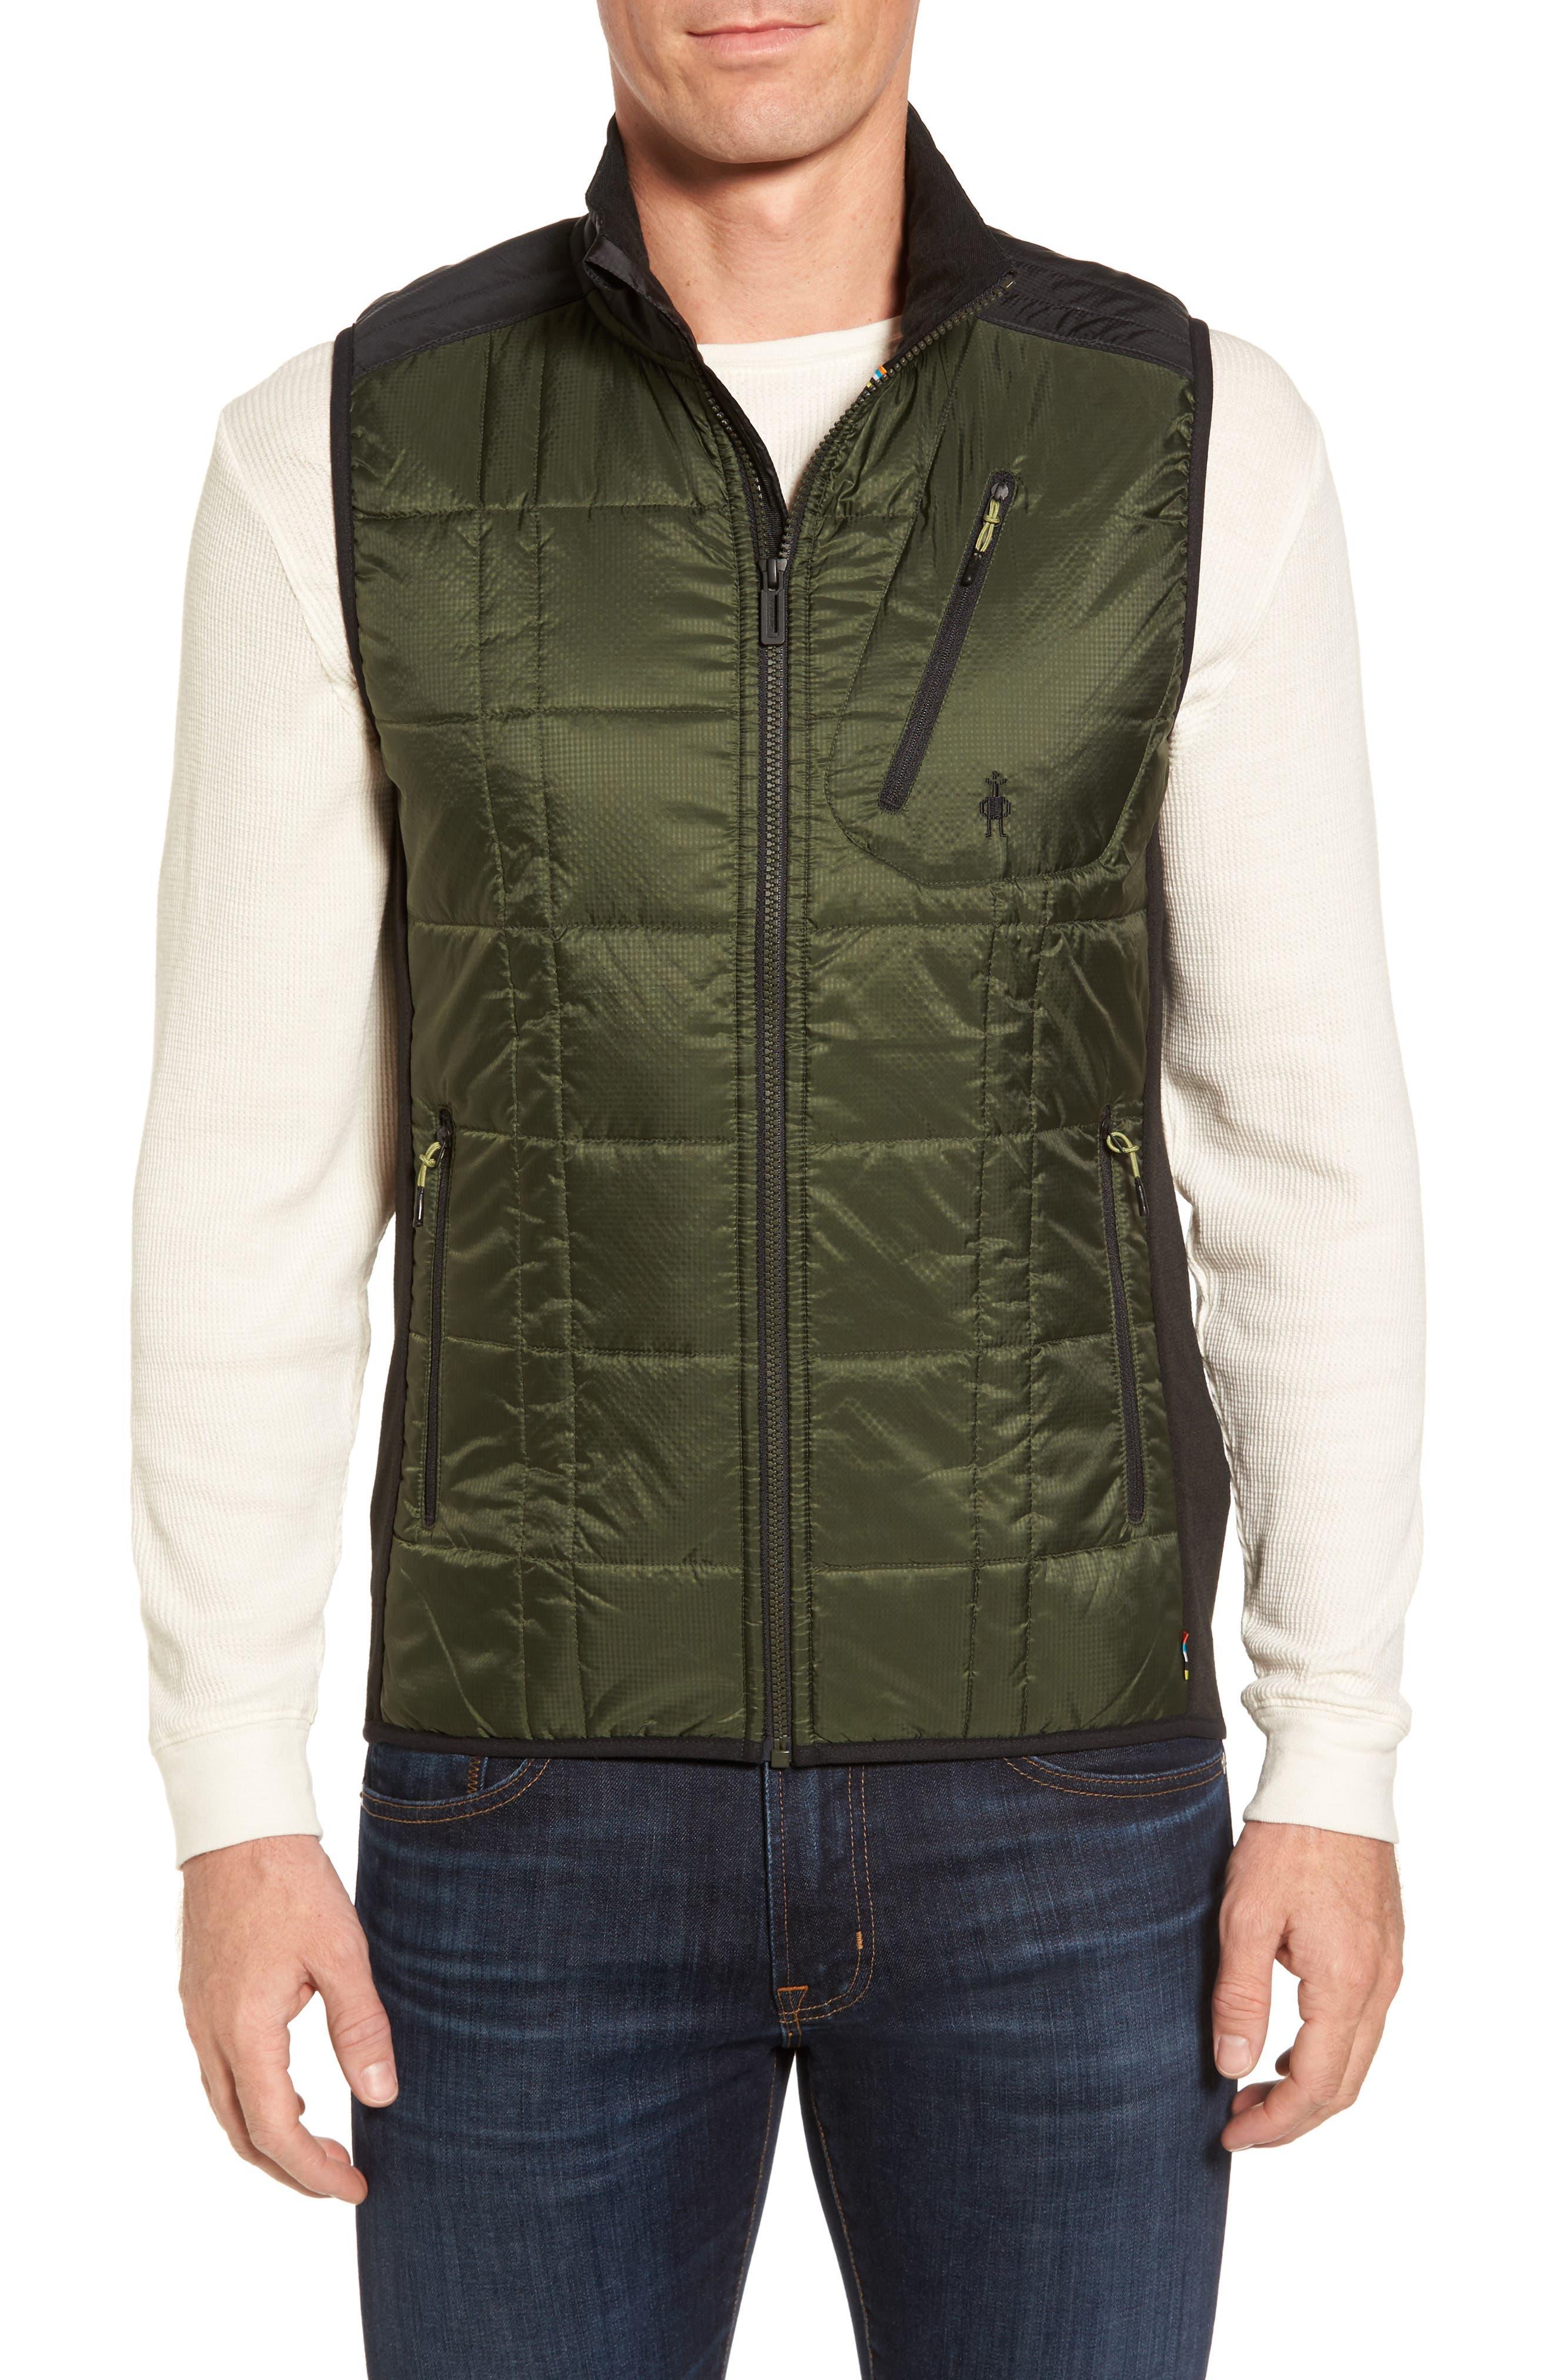 Smartwool 'Corbet 120' Quilted Zip Front Vest